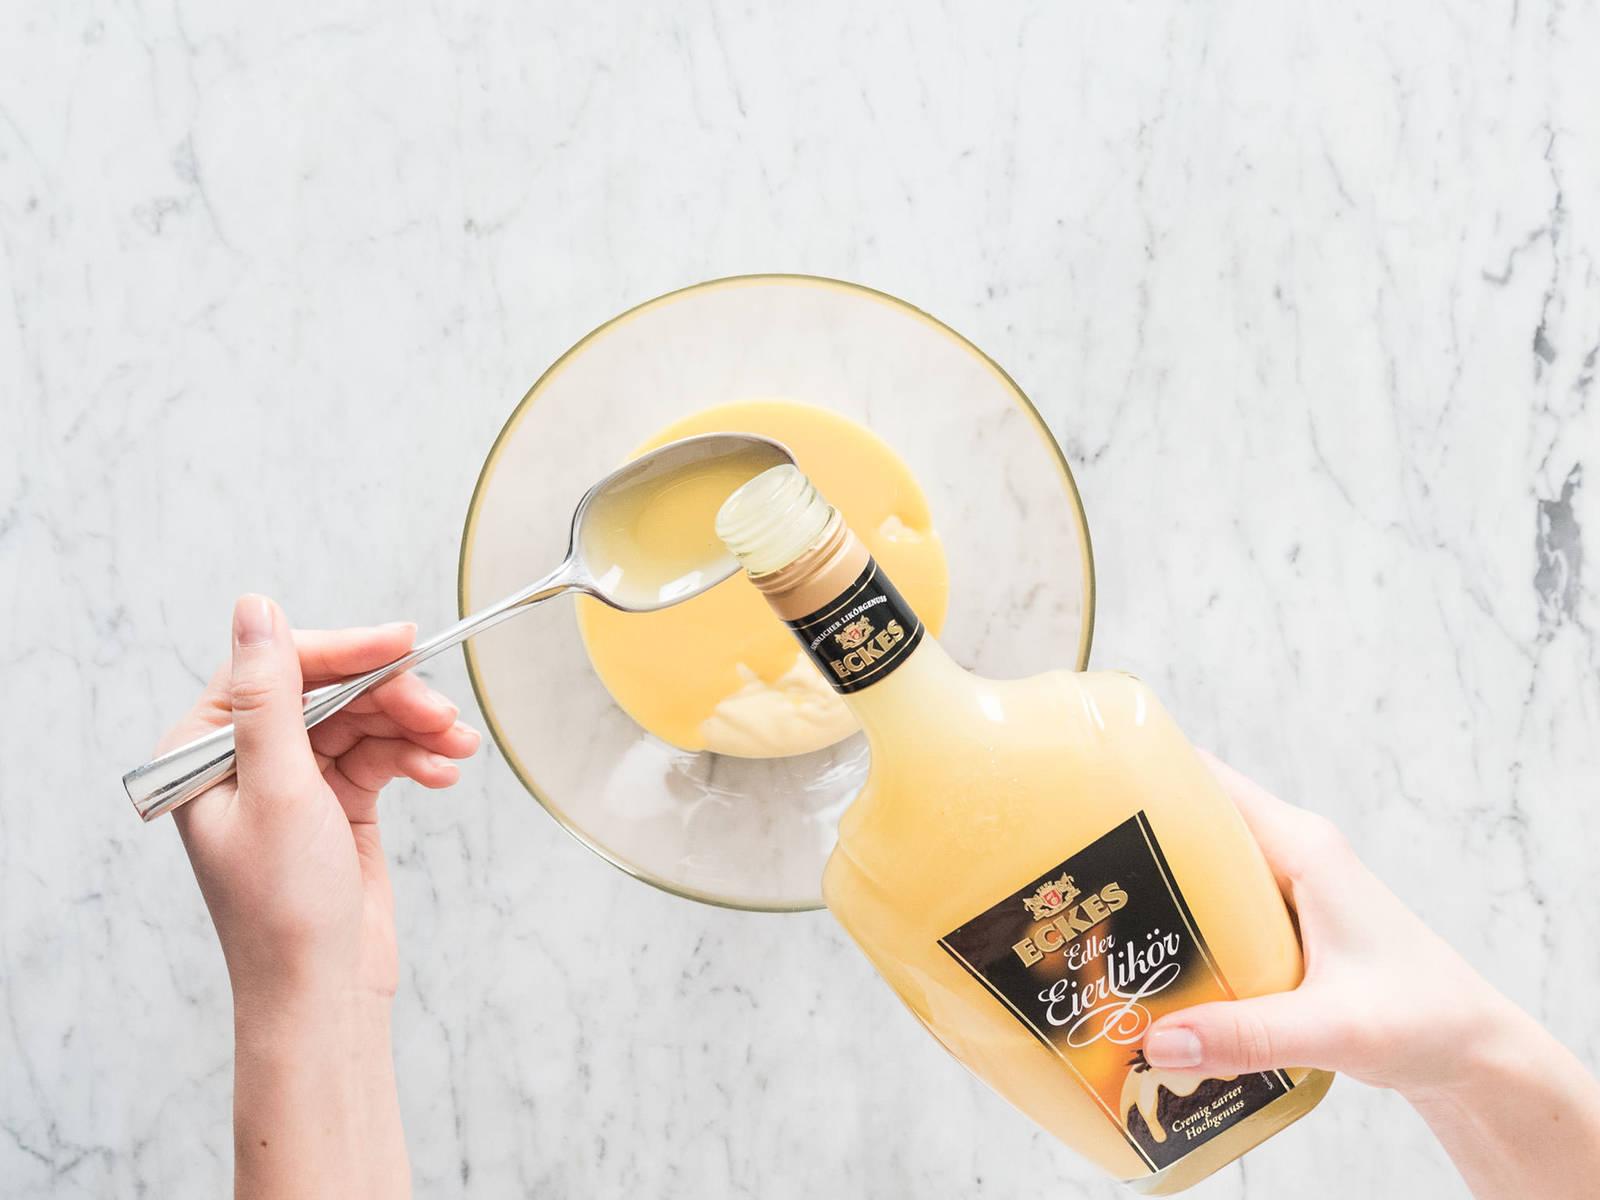 将蛋白、糖和柠檬汁放到耐热碗中,置于一锅微沸的热水上。注意不要让碗底接触热水。加热5-6分钟,频繁搅拌,直至混合物达到71度,或直至糖完全溶解。将碗拿开,继续搅拌5-6分钟,直至混合物浓稠、有光泽。倒入裱花袋中。 在一个小碗中,混合奶油布丁和蛋酒,搅拌至顺滑。置于一旁。